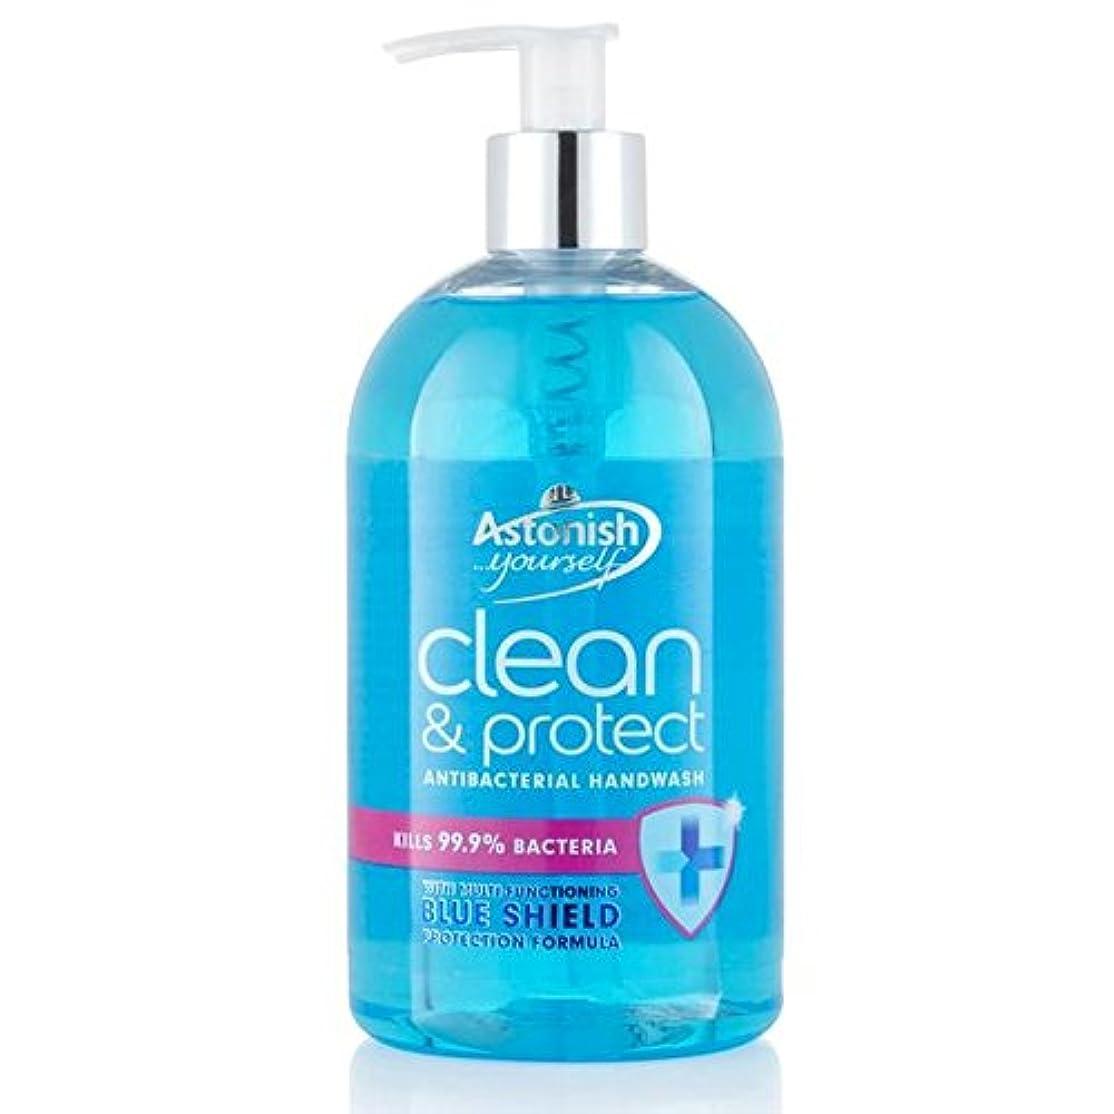 漂流部族荒野Astonish Clean & Protect Hand Wash 500ml - クリーン驚か&ハンドウォッシュ500ミリリットルを保護 [並行輸入品]